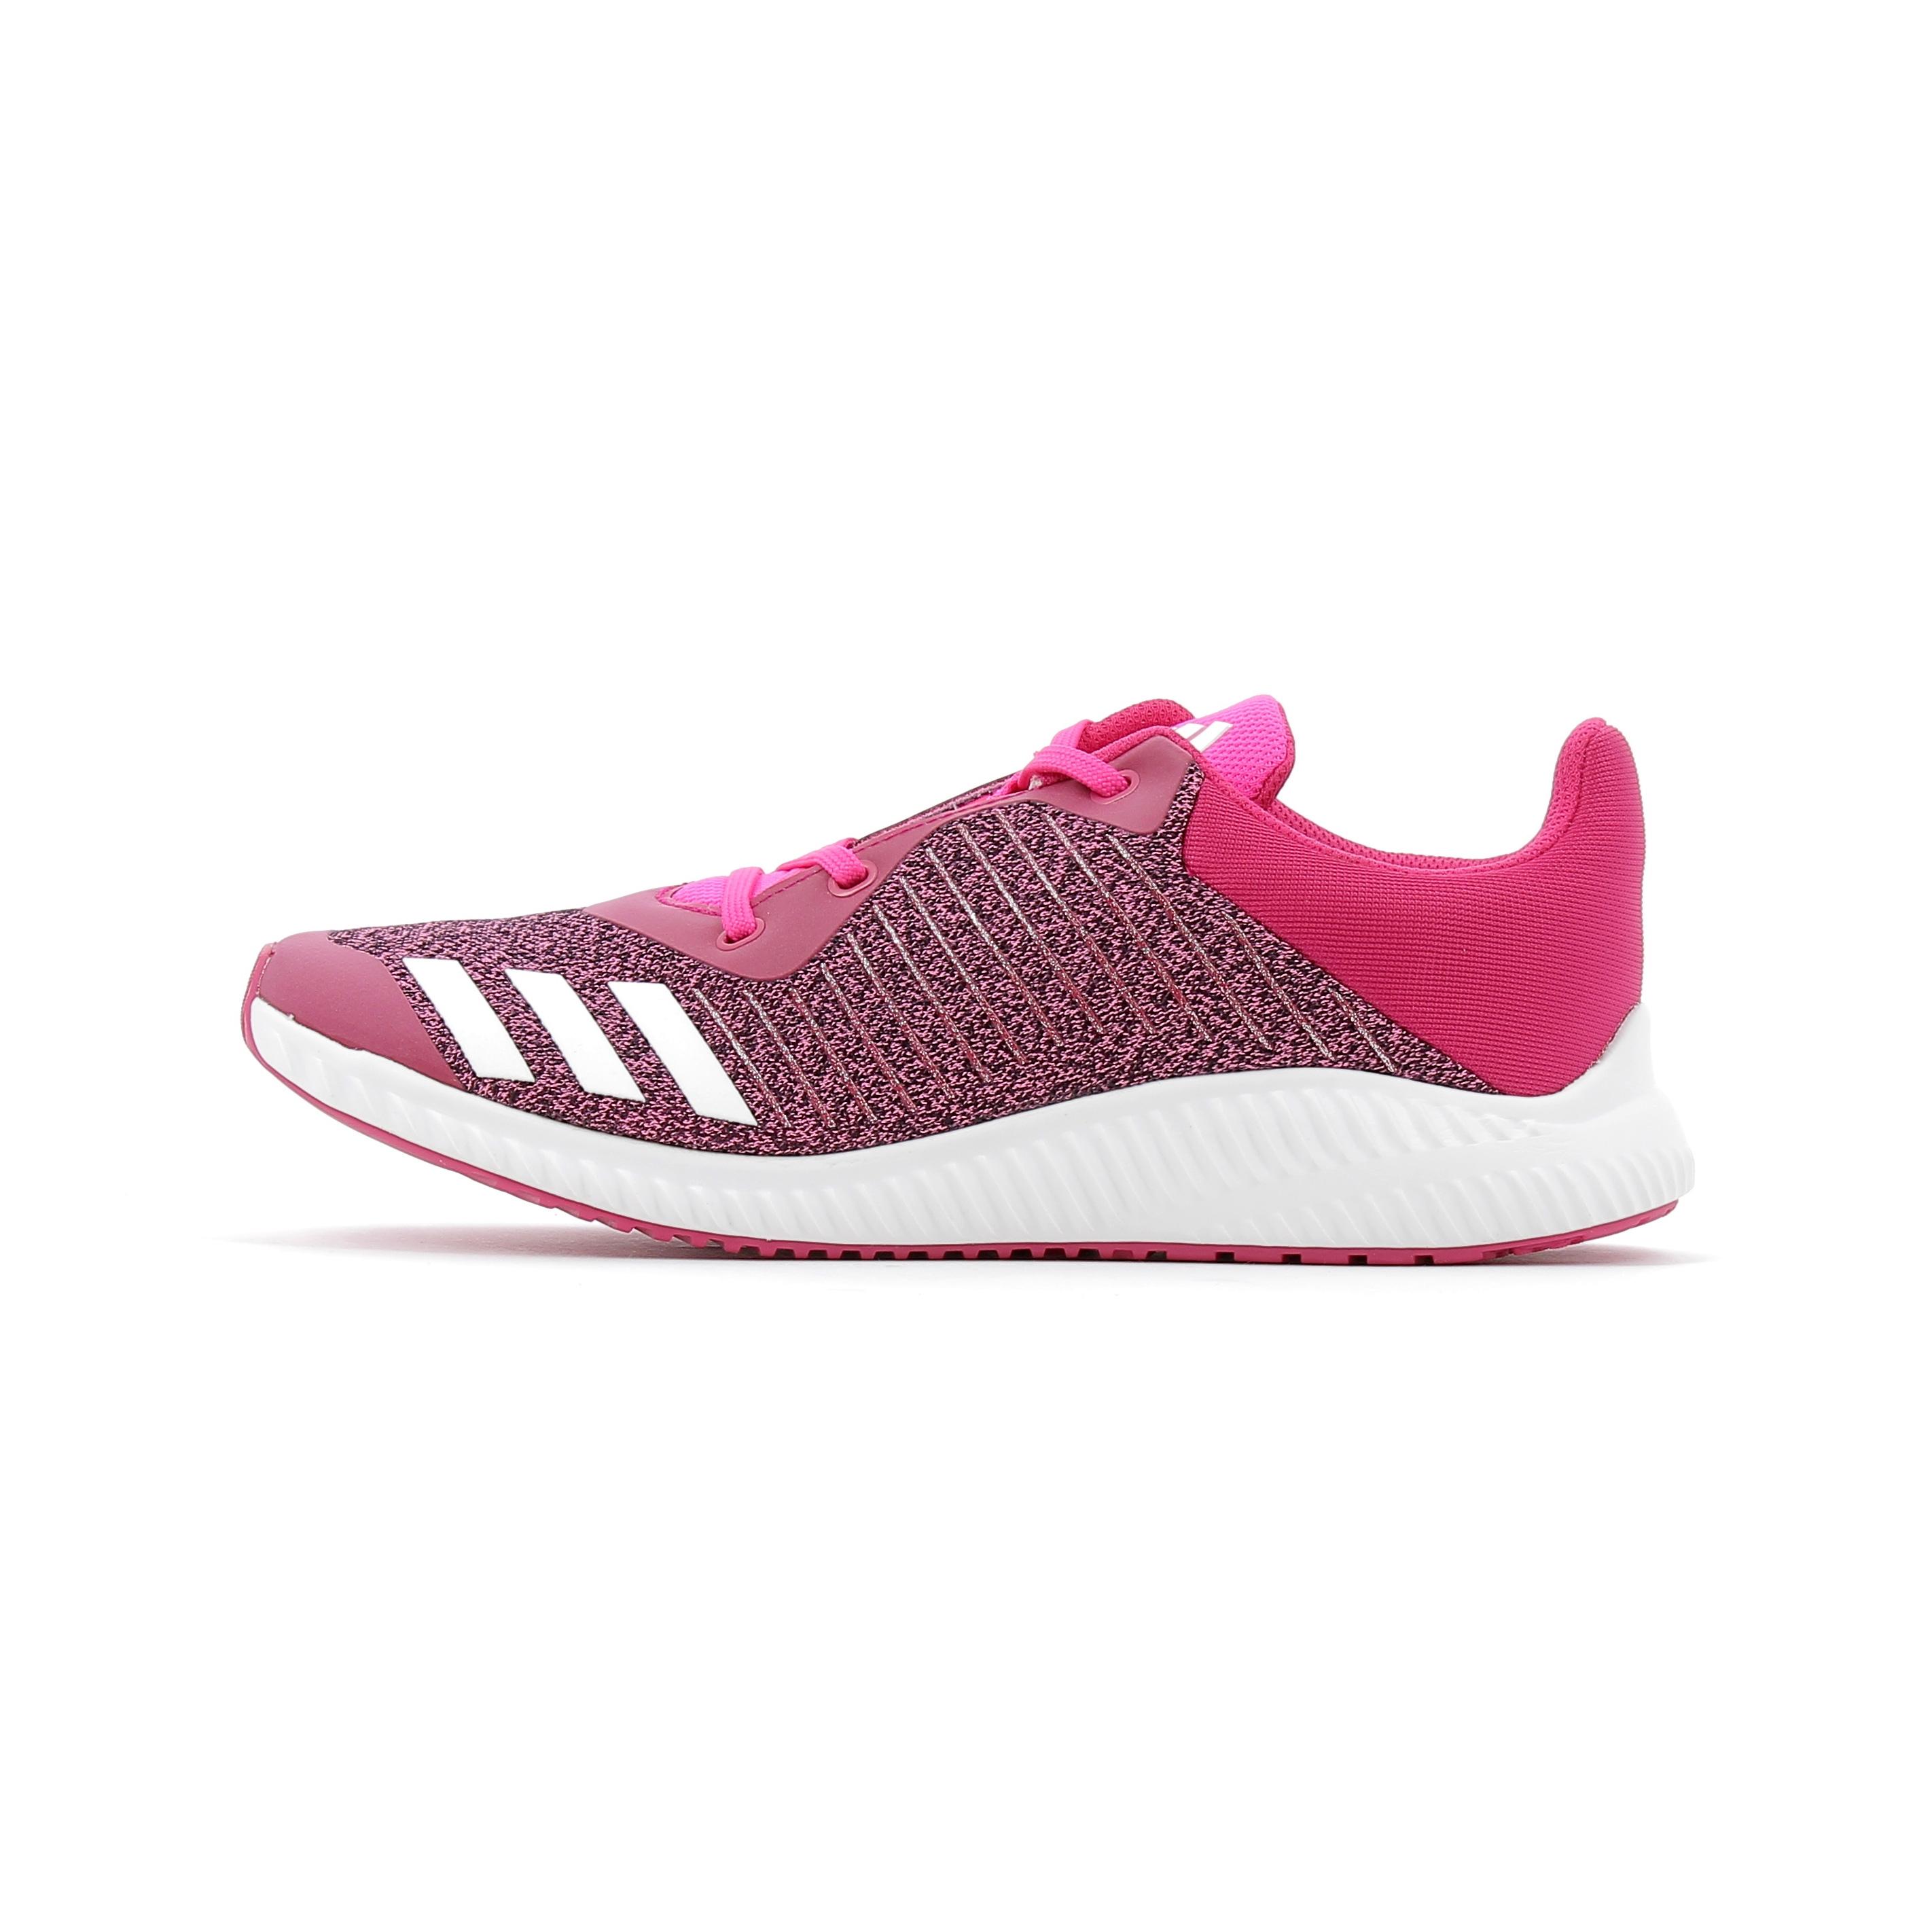 nouvelle version code de promo plusieurs couleurs Baskets basses Adidas Performance FortaRun CF K enfant